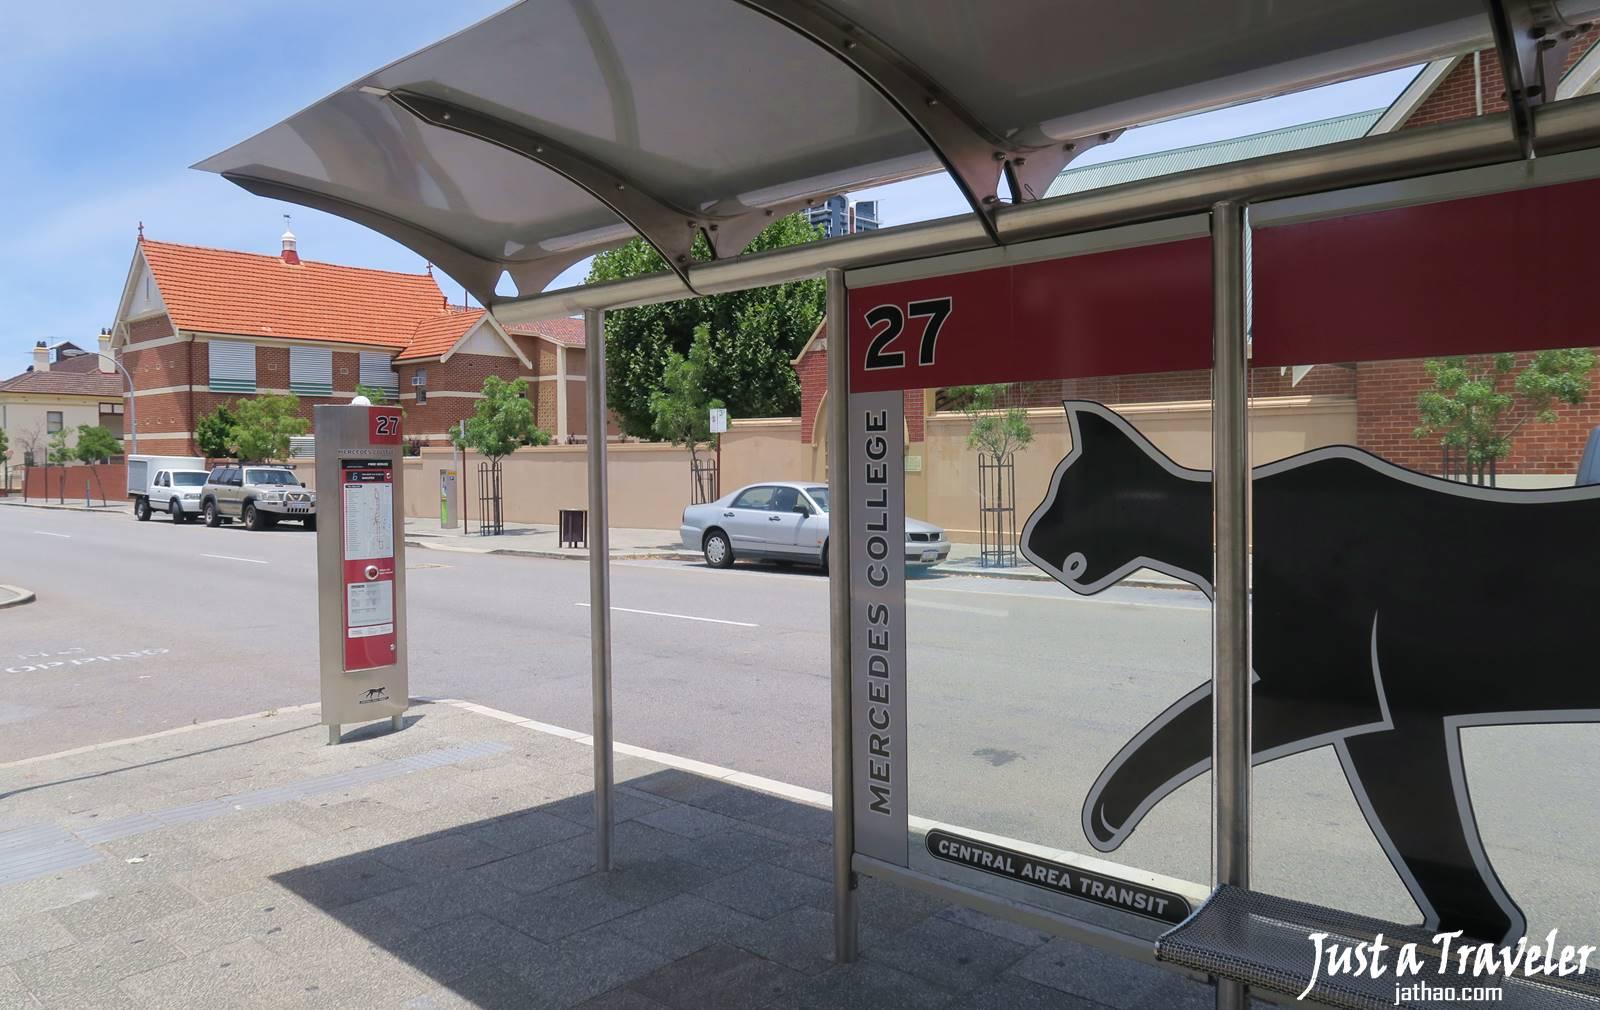 澳洲-伯斯-交通-貓公車-巴士-市區-票價-路線-時刻表-站牌-攻略-推薦-便宜-免費-自由行-旅遊-Perth-Transport-Free-CAT-Bus